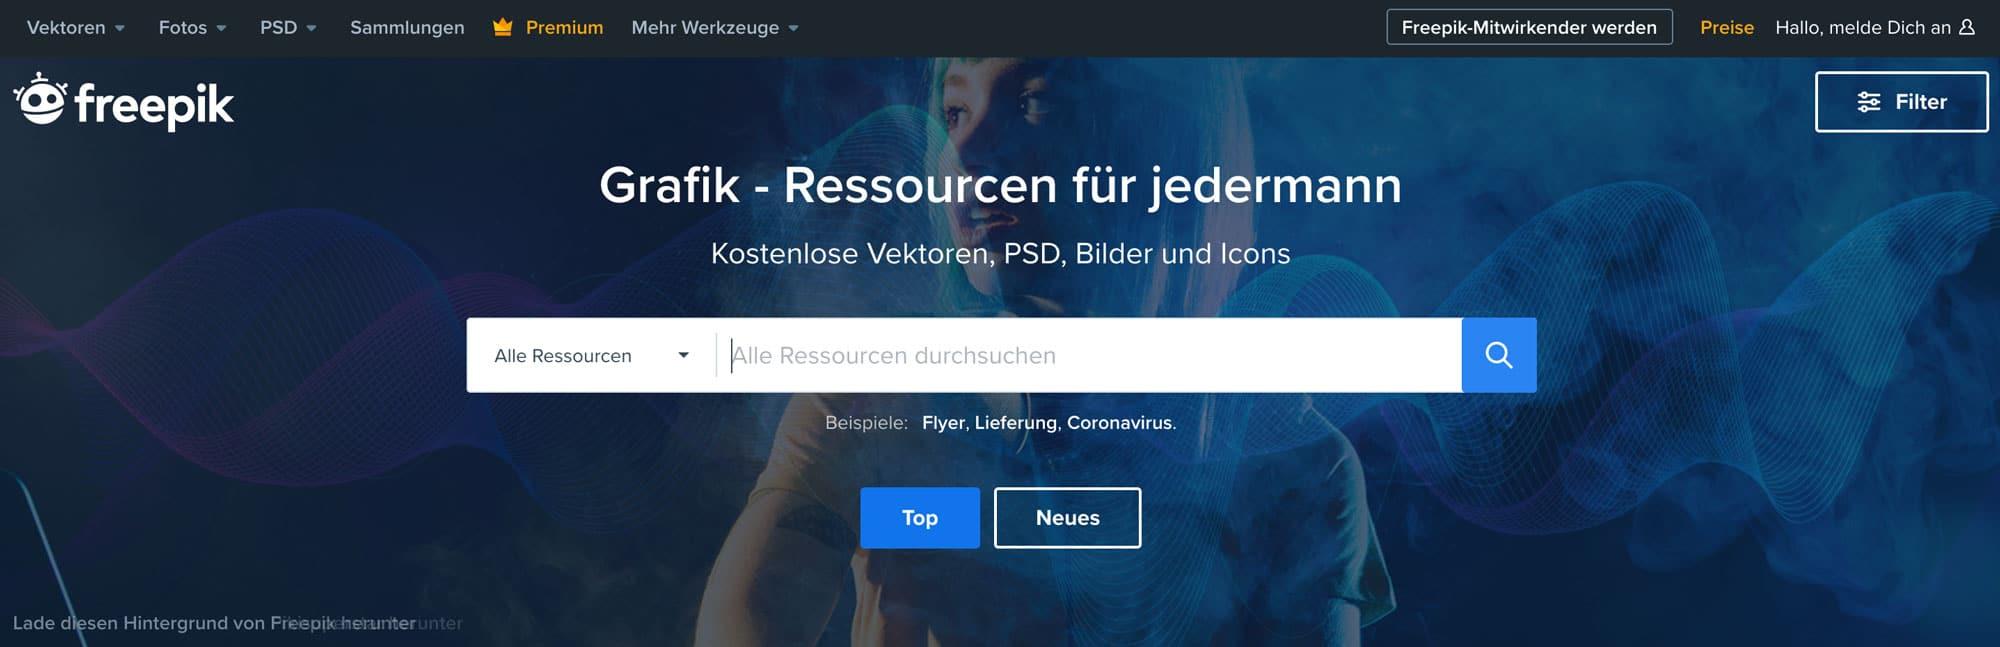 Freepik ist eine riesige Bilddatenbank